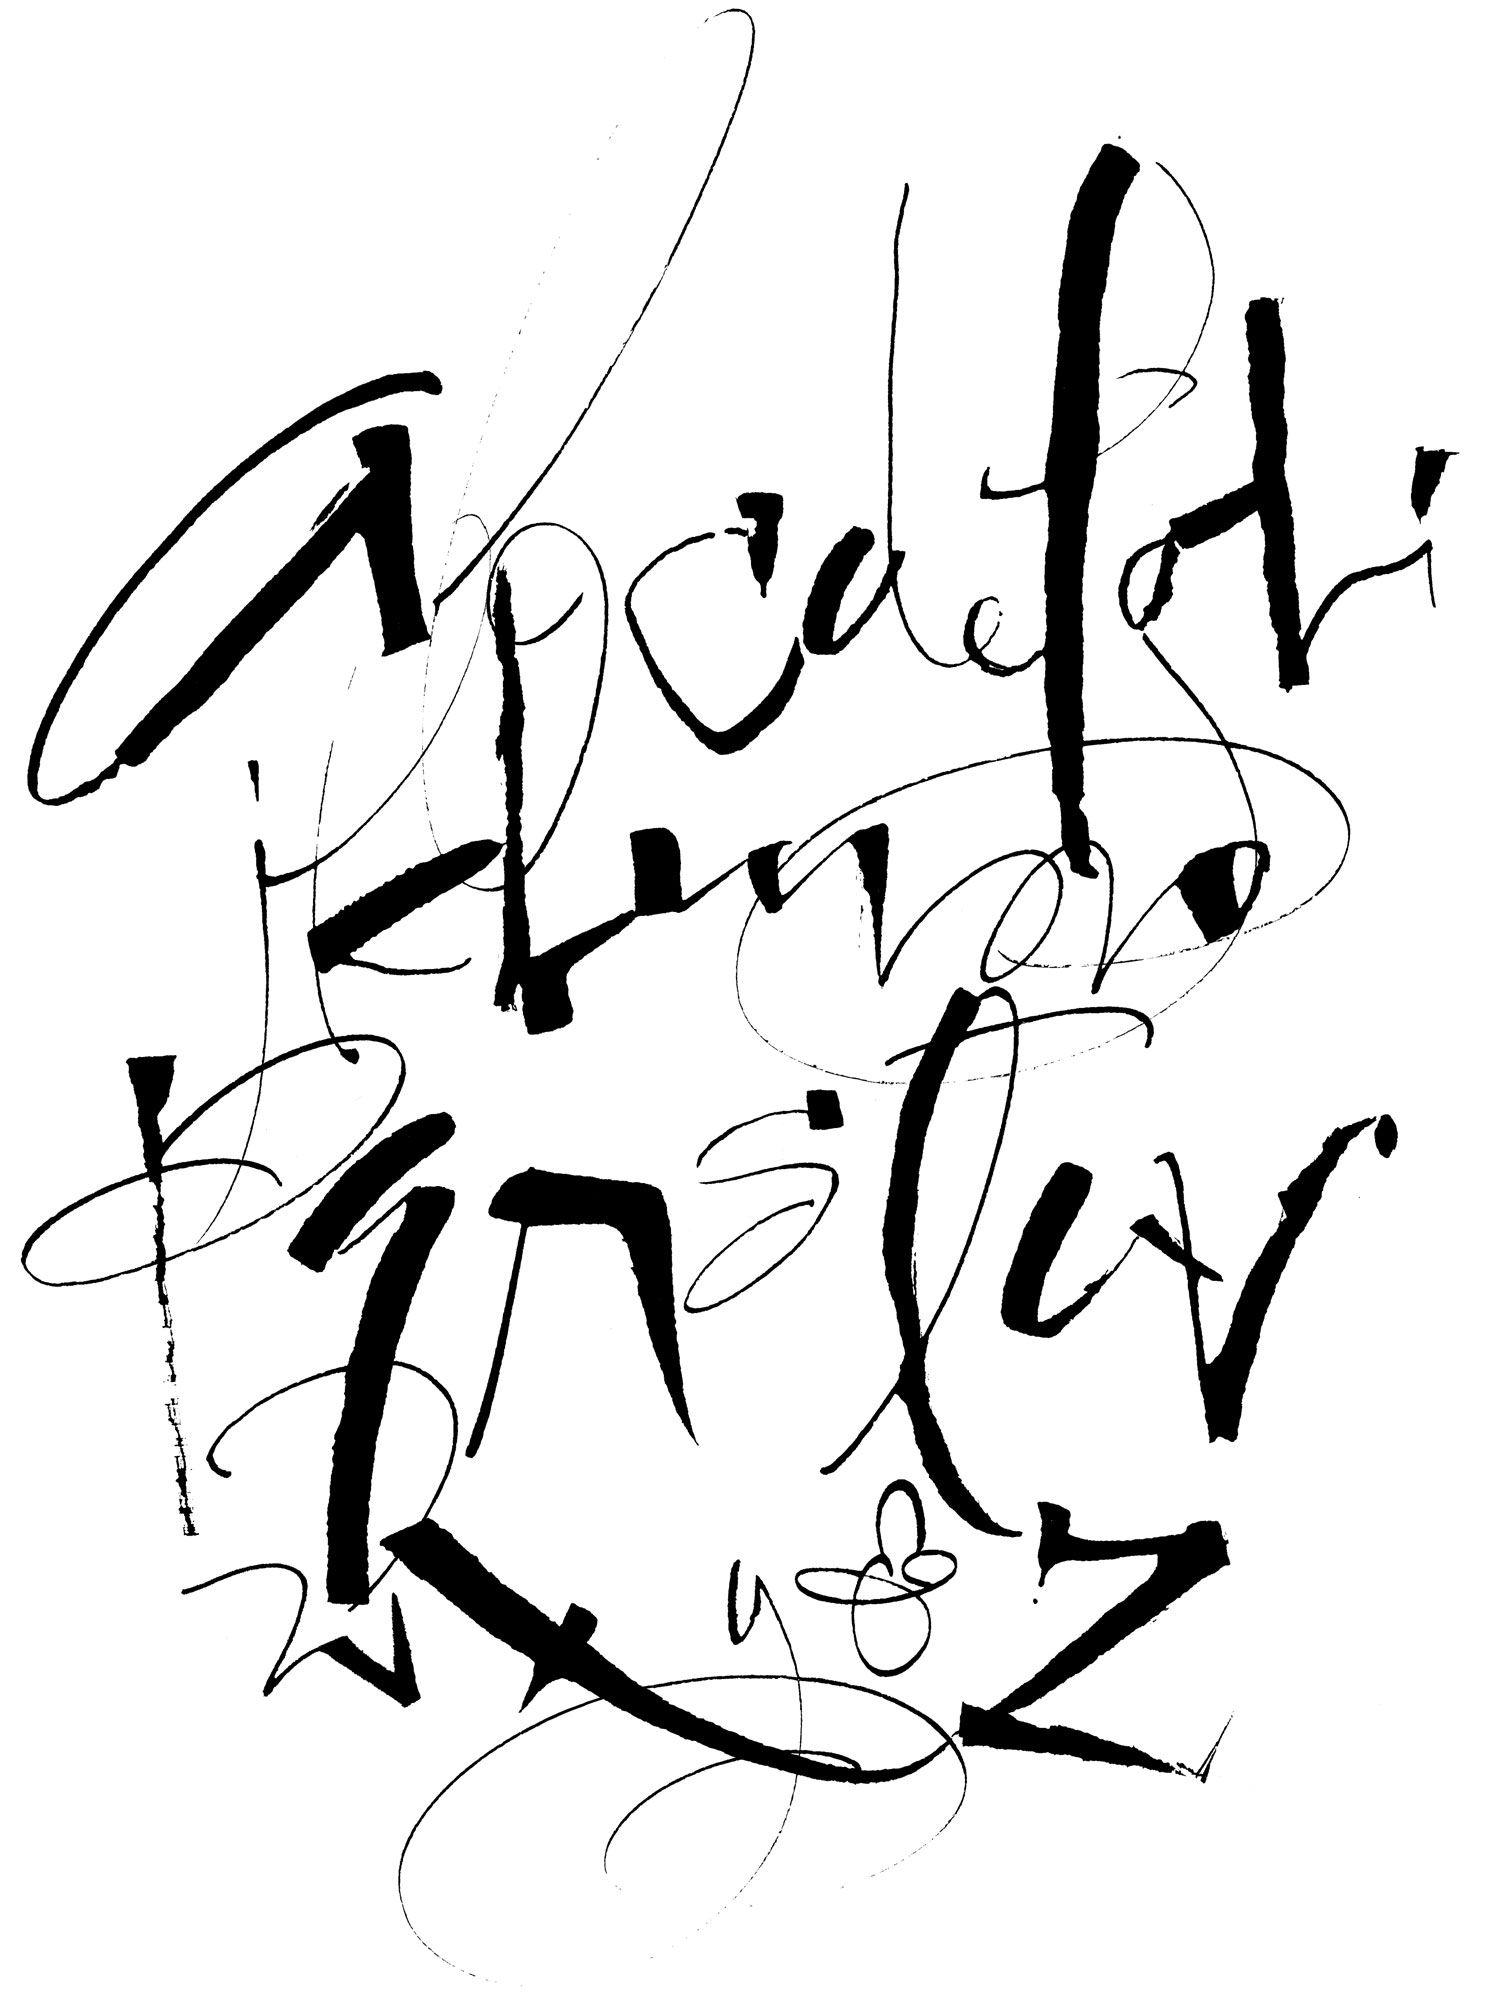 Ruling Pen Alphabet Cecelia Harris